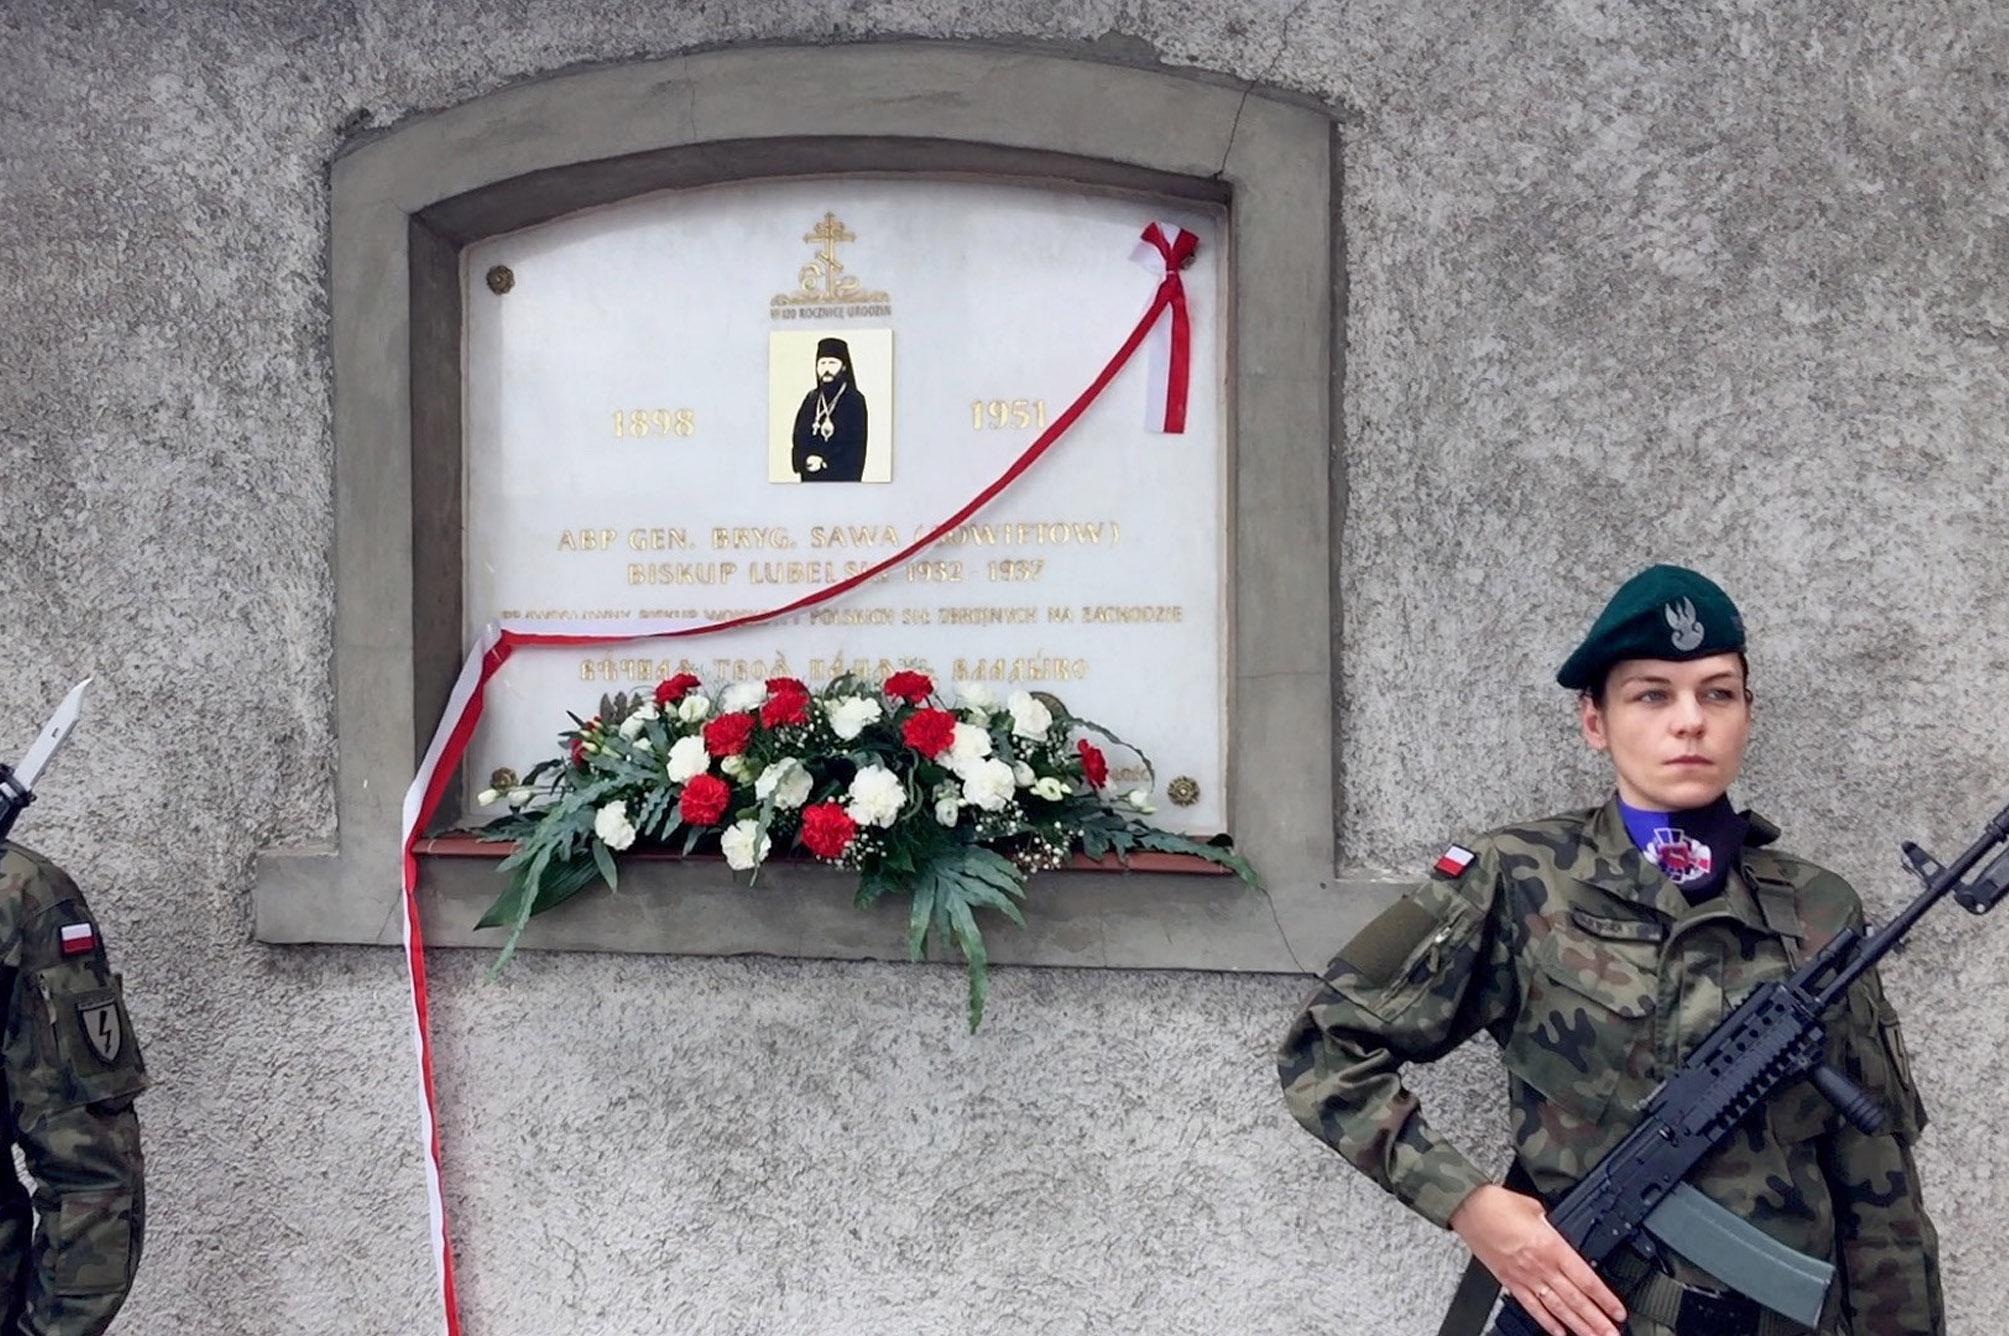 Tablica w Lublinie upamiętniająca abp gen. bryg. Sawę Sowietowa